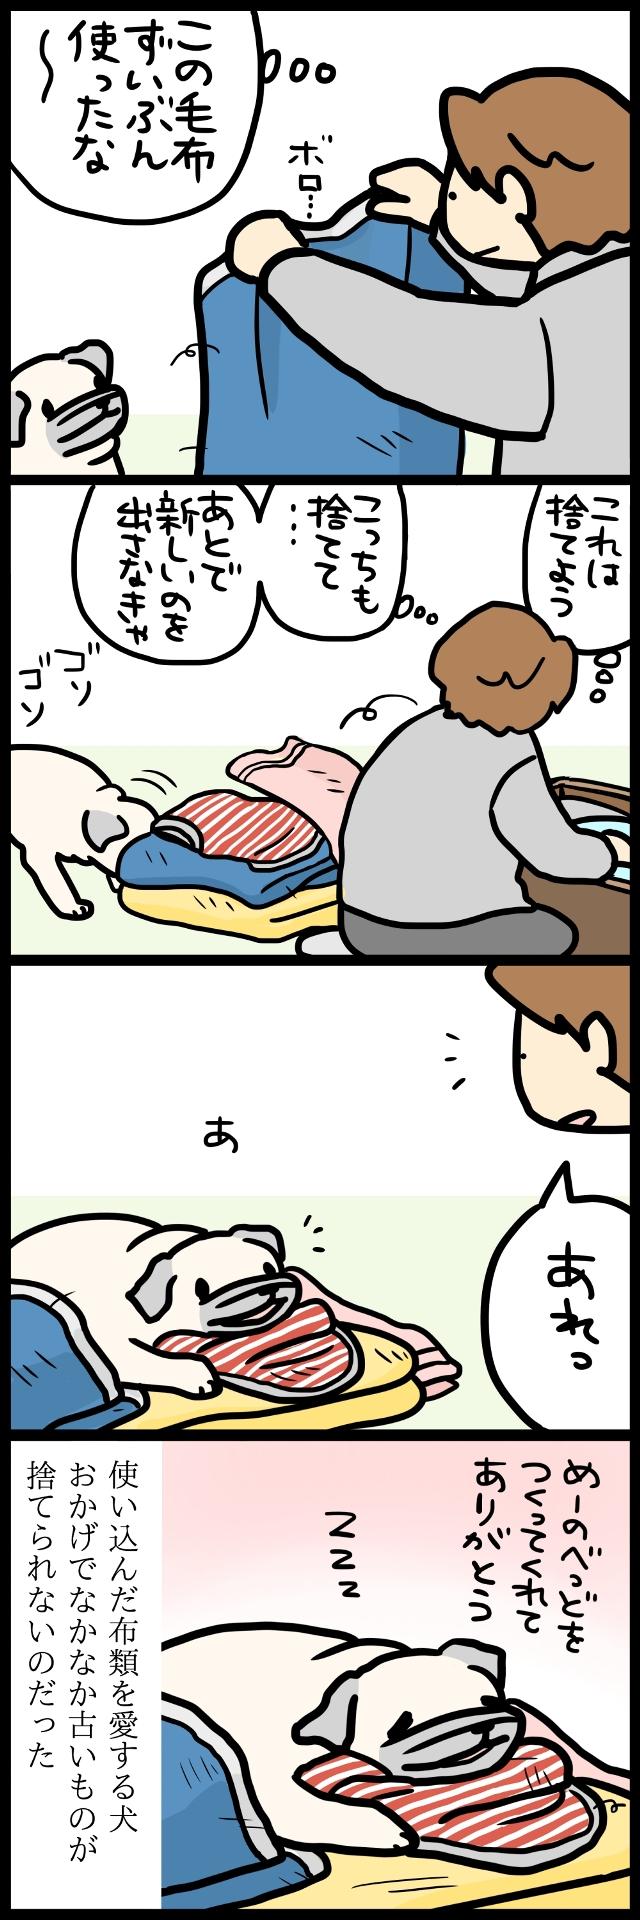 【パグ犬のいる家】めーとの生活(37)「温故知新」2ページ目